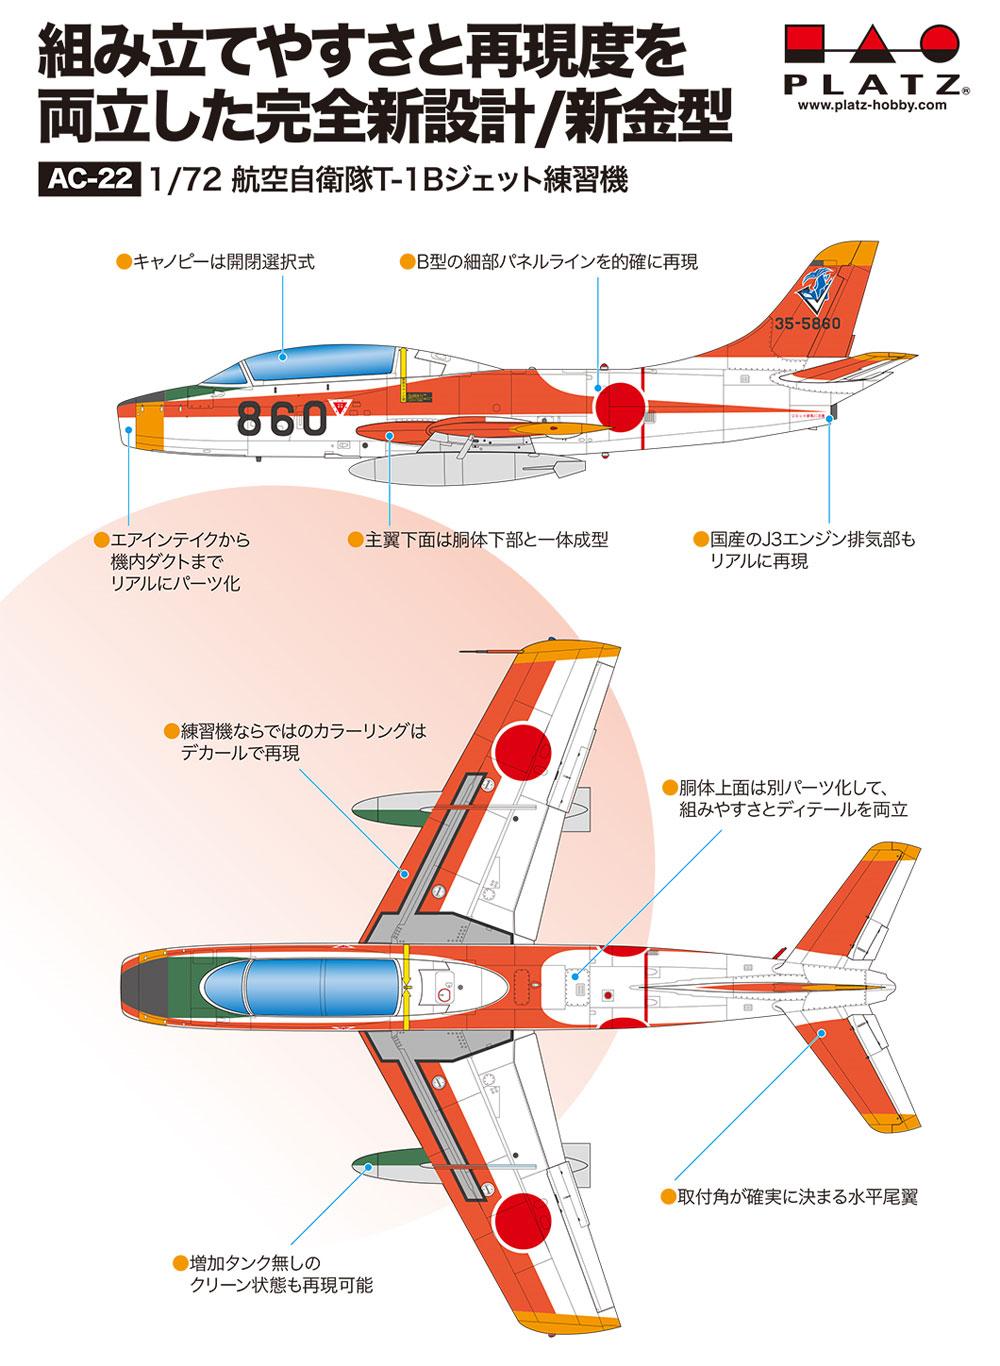 航空自衛隊 T-1B ジェット練習機プラモデル(プラッツ航空自衛隊機シリーズNo.AC-022)商品画像_1